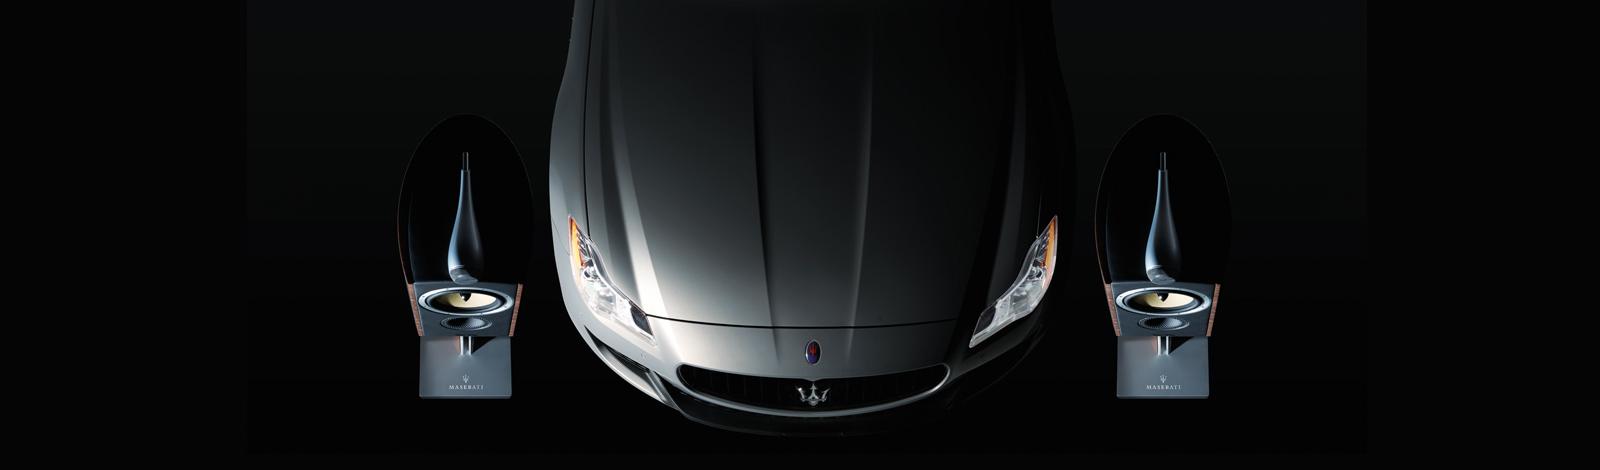 Bowers & Wilkins 805 Maserati